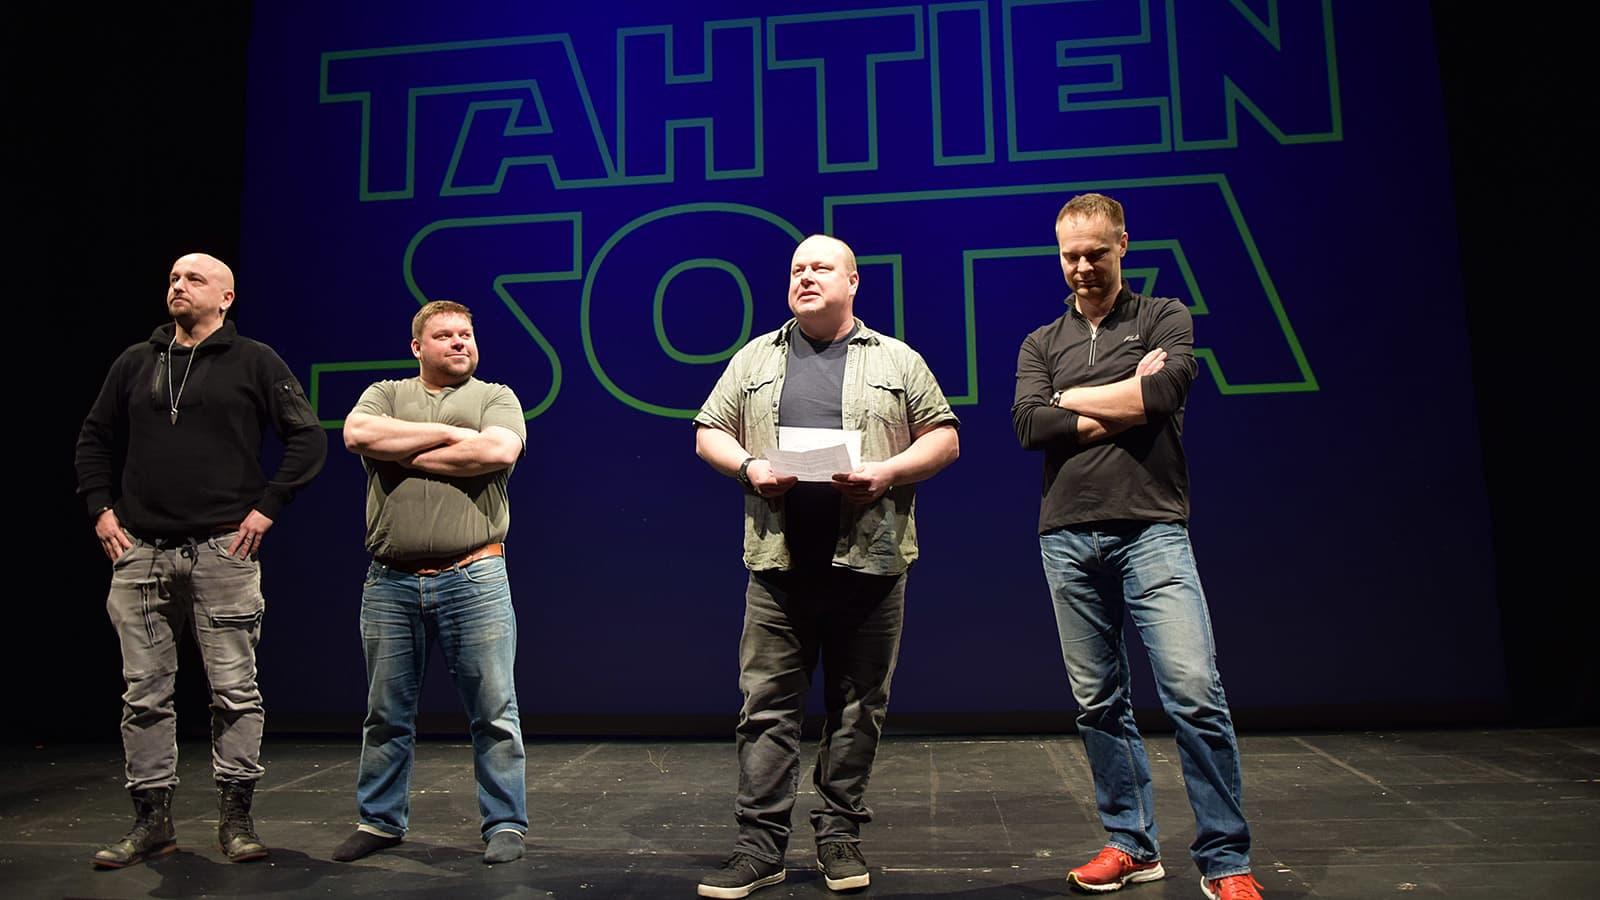 Neljä miestä seisoo näyttämöllä kertomassa Tahtien Sota -musiikkikomediasta